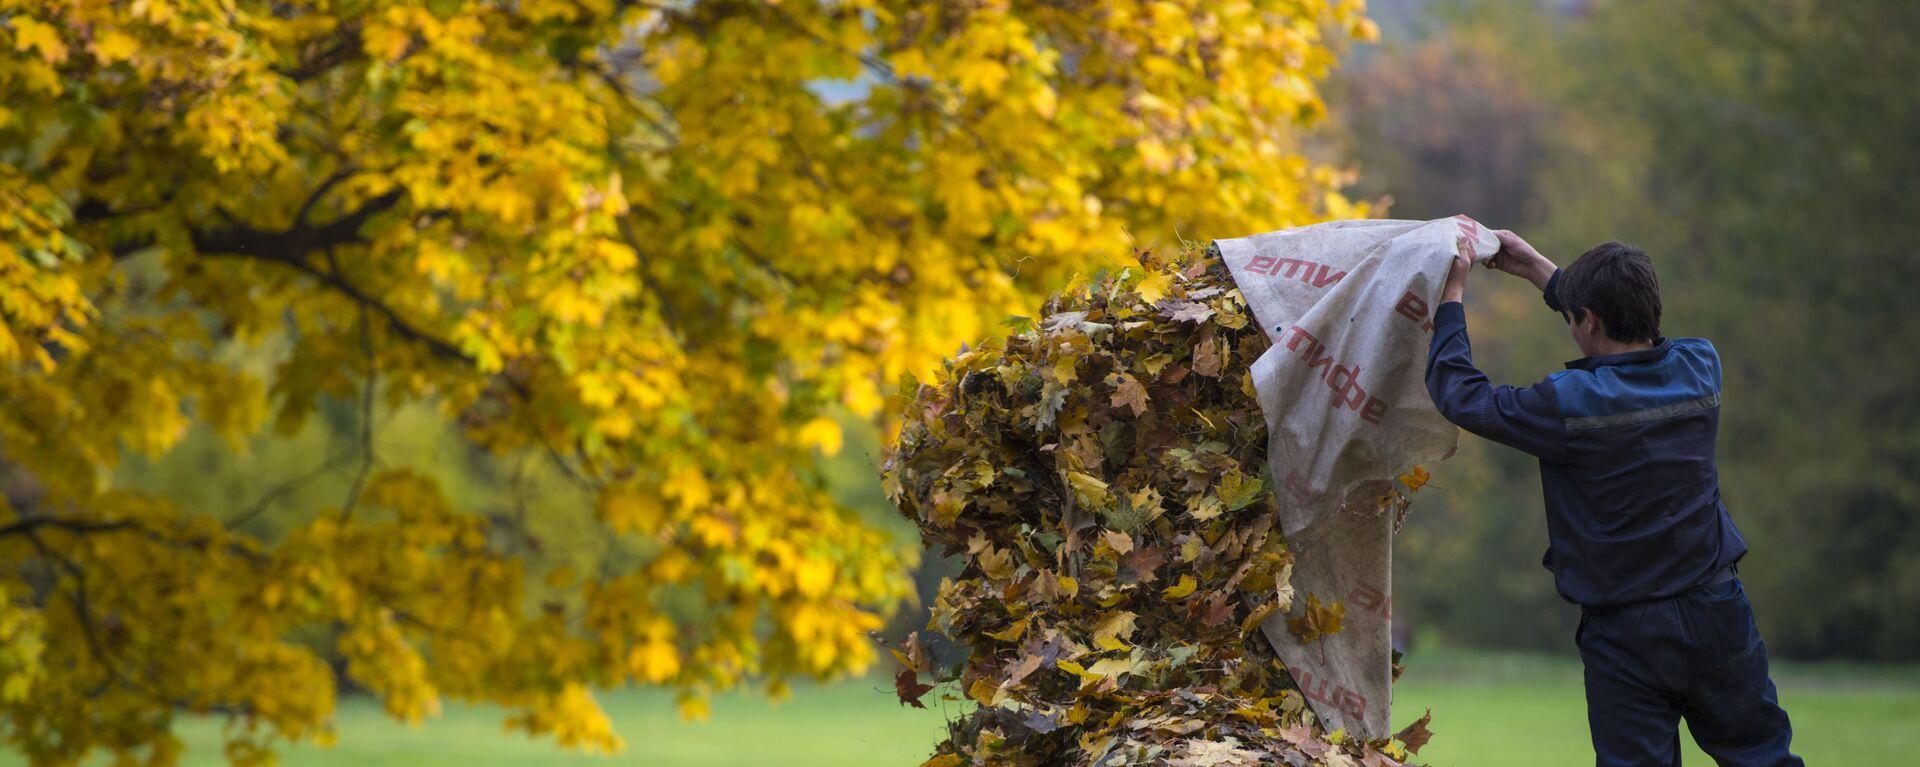 Дворник собирает опавшие с деревьев листья в парке Коломенское в Москве - Sputnik Таджикистан, 1920, 30.09.2021